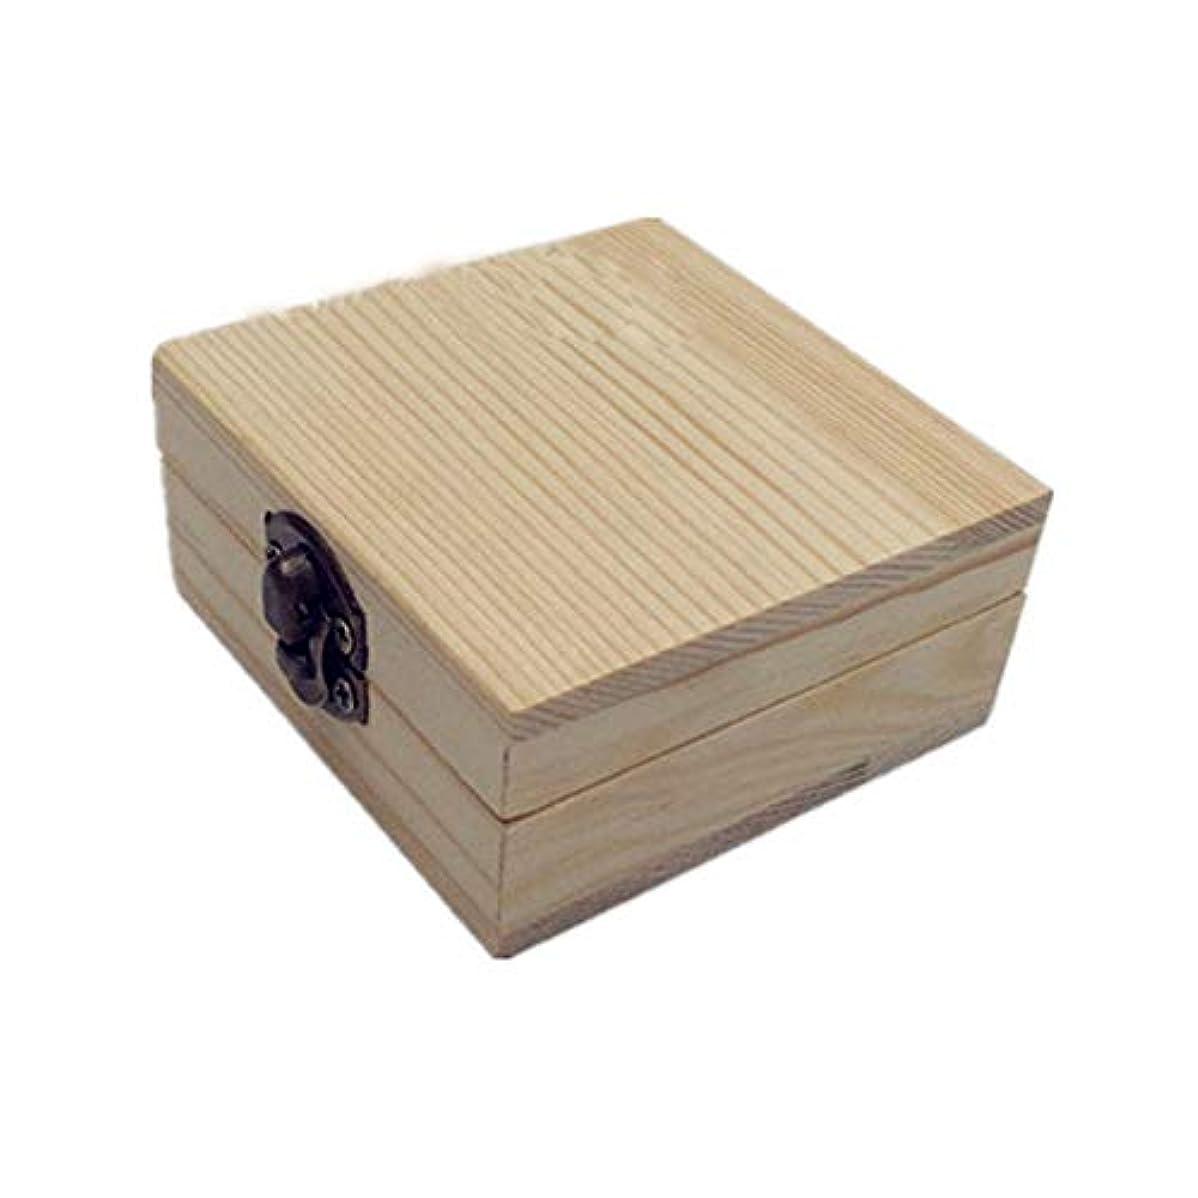 フルーティー汚す眠りエッセンシャルオイルの保管 木製のエッセンシャルオイルボックスパーフェクトエッセンシャルオイルケースは2本のボトルエッセンシャルオイルのために保持します (色 : Natural, サイズ : 7X7X3.5CM)